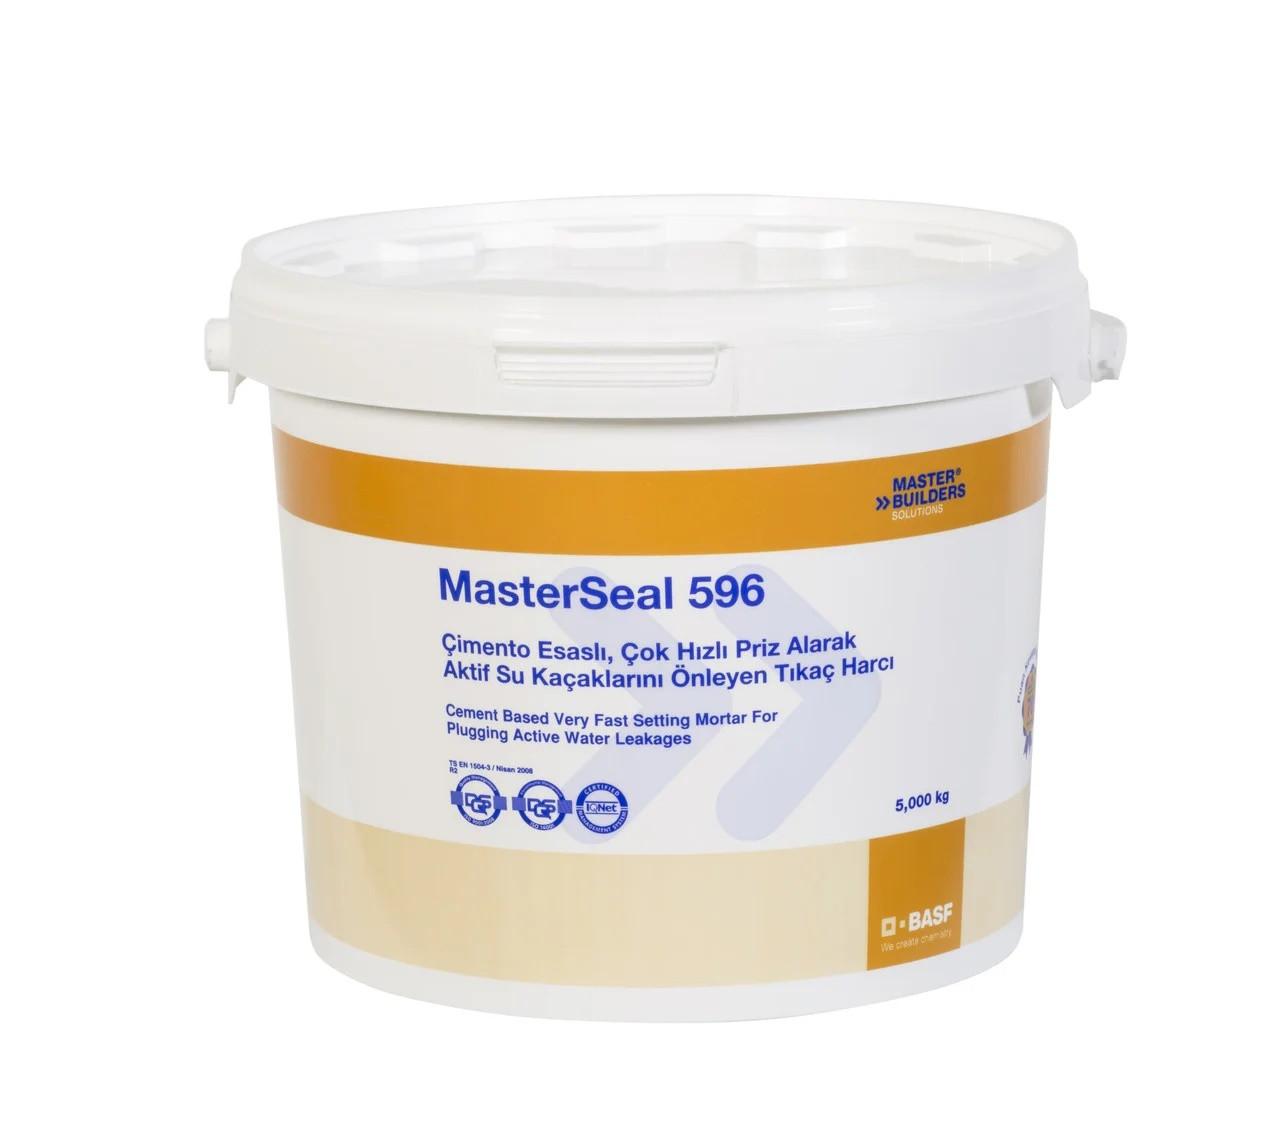 MasterSeal 596 Гидропломба 30сек, быстротвердеющий раствор для остановки активной течи воды